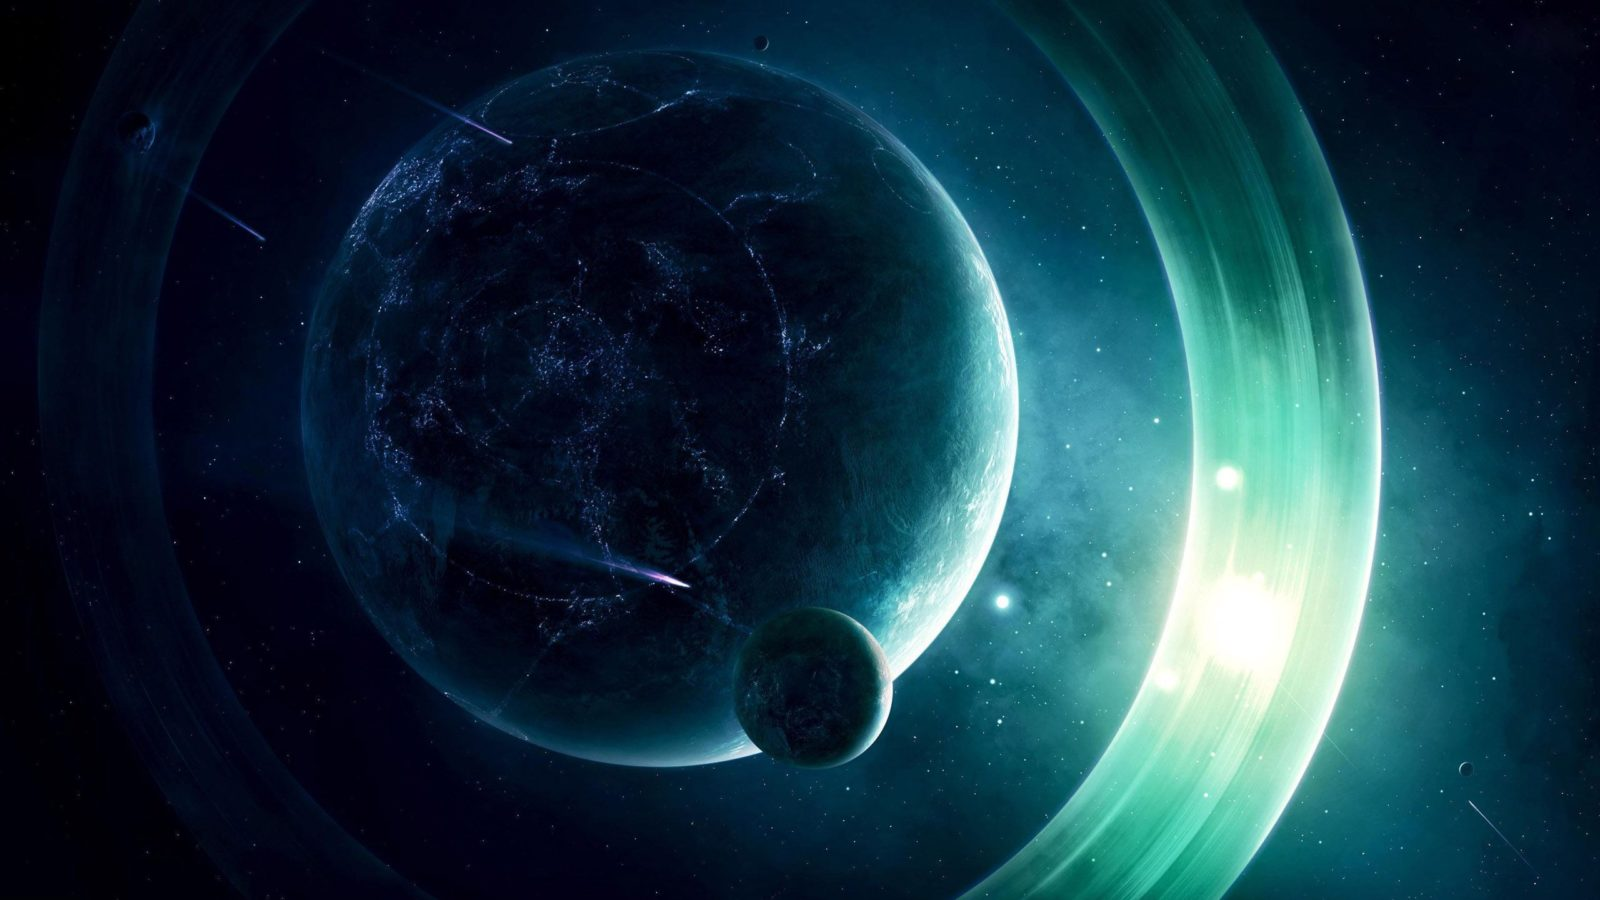 Wallpaper Planet 3d Cient 237 Ficos Descubren Una Quot Super Tierra Potencialmente